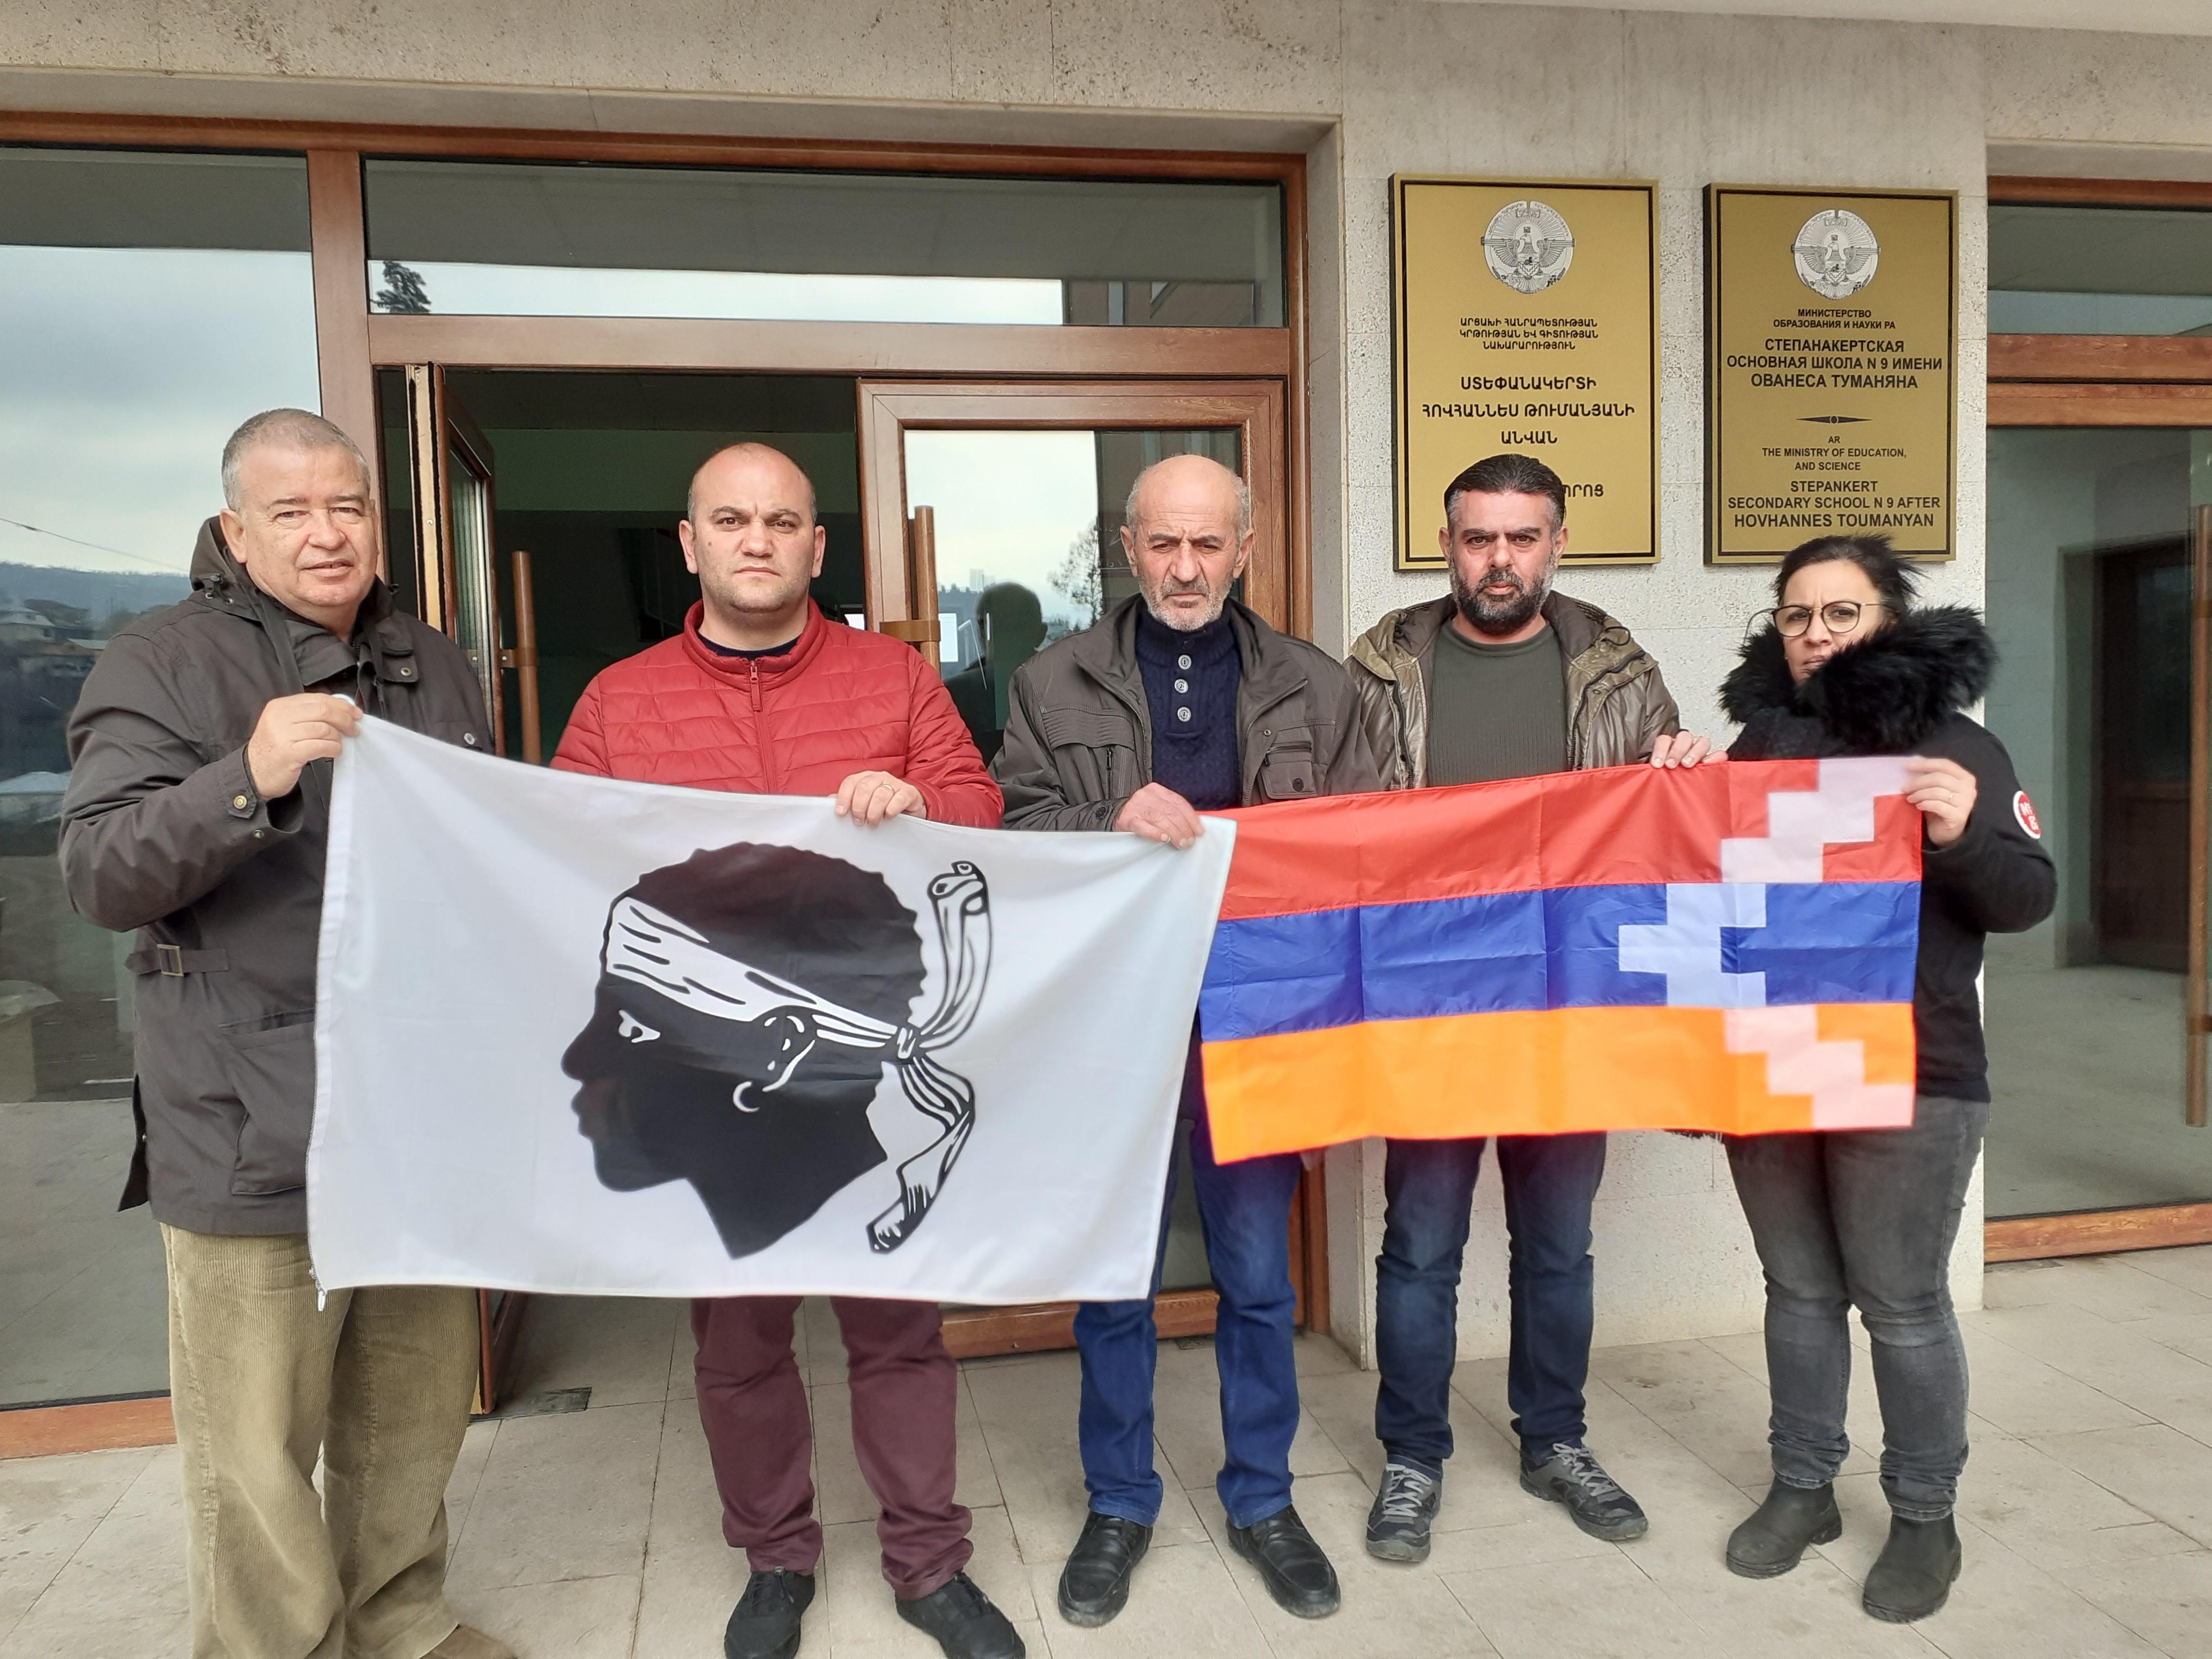 Les membres du comité de jumelage devant le lycée Hovhannes Toumanyan à Stepanakert, bombardé  pendant la guerre de novembre.